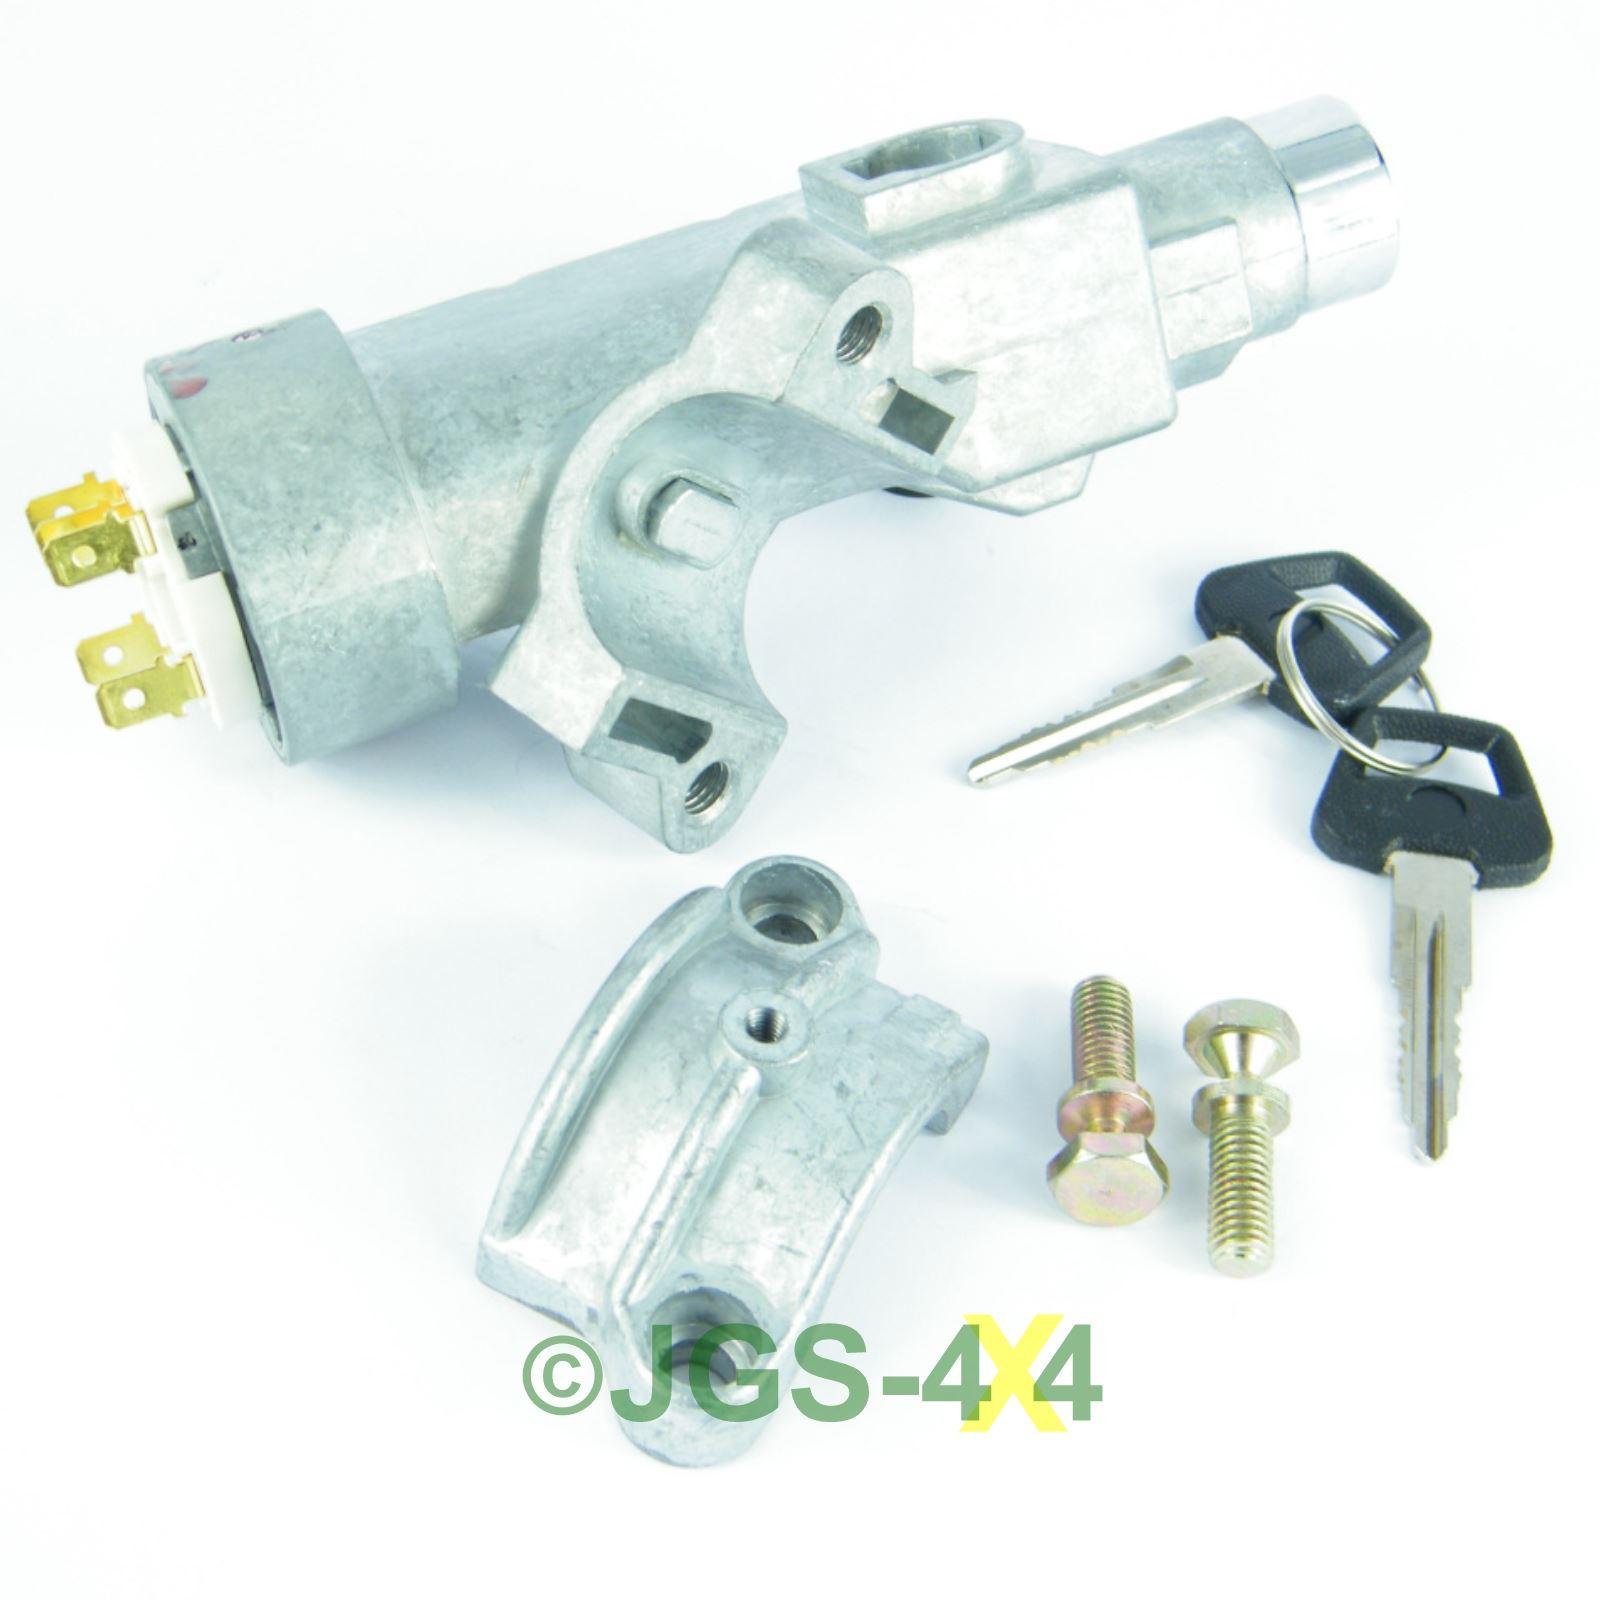 land rover defender 90 110 steering ignition switch lock. Black Bedroom Furniture Sets. Home Design Ideas